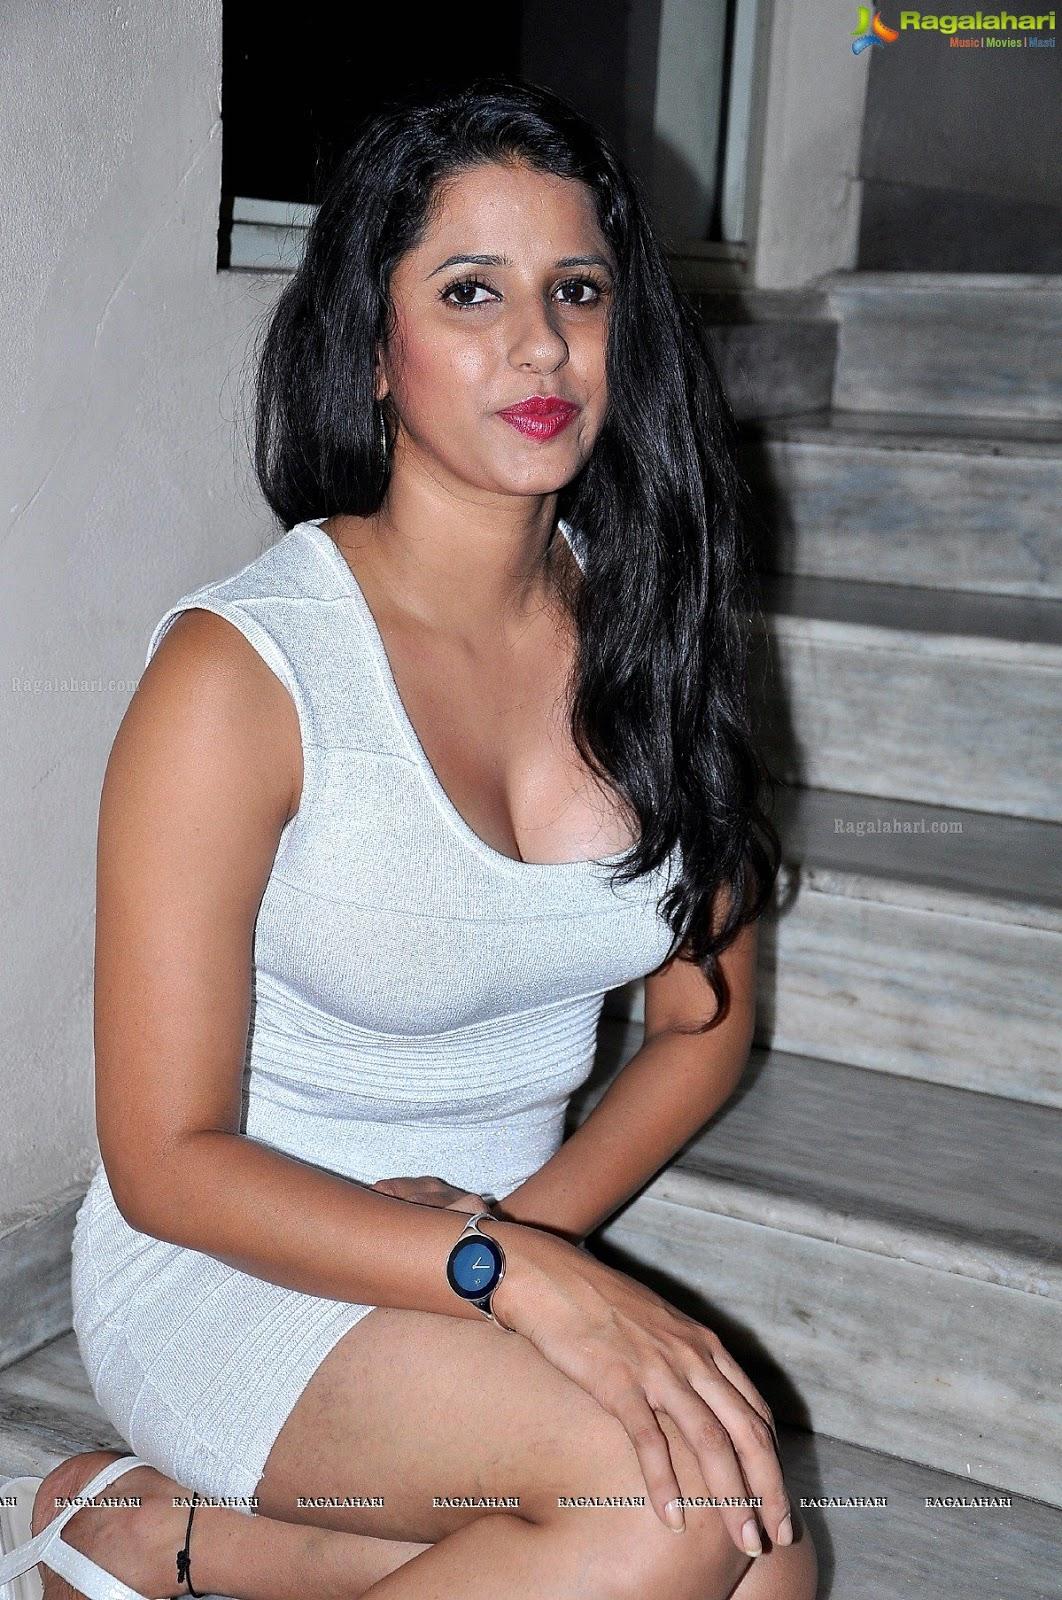 Telugu Model Shravya Reddy In White Dress - Actress Hot -9219